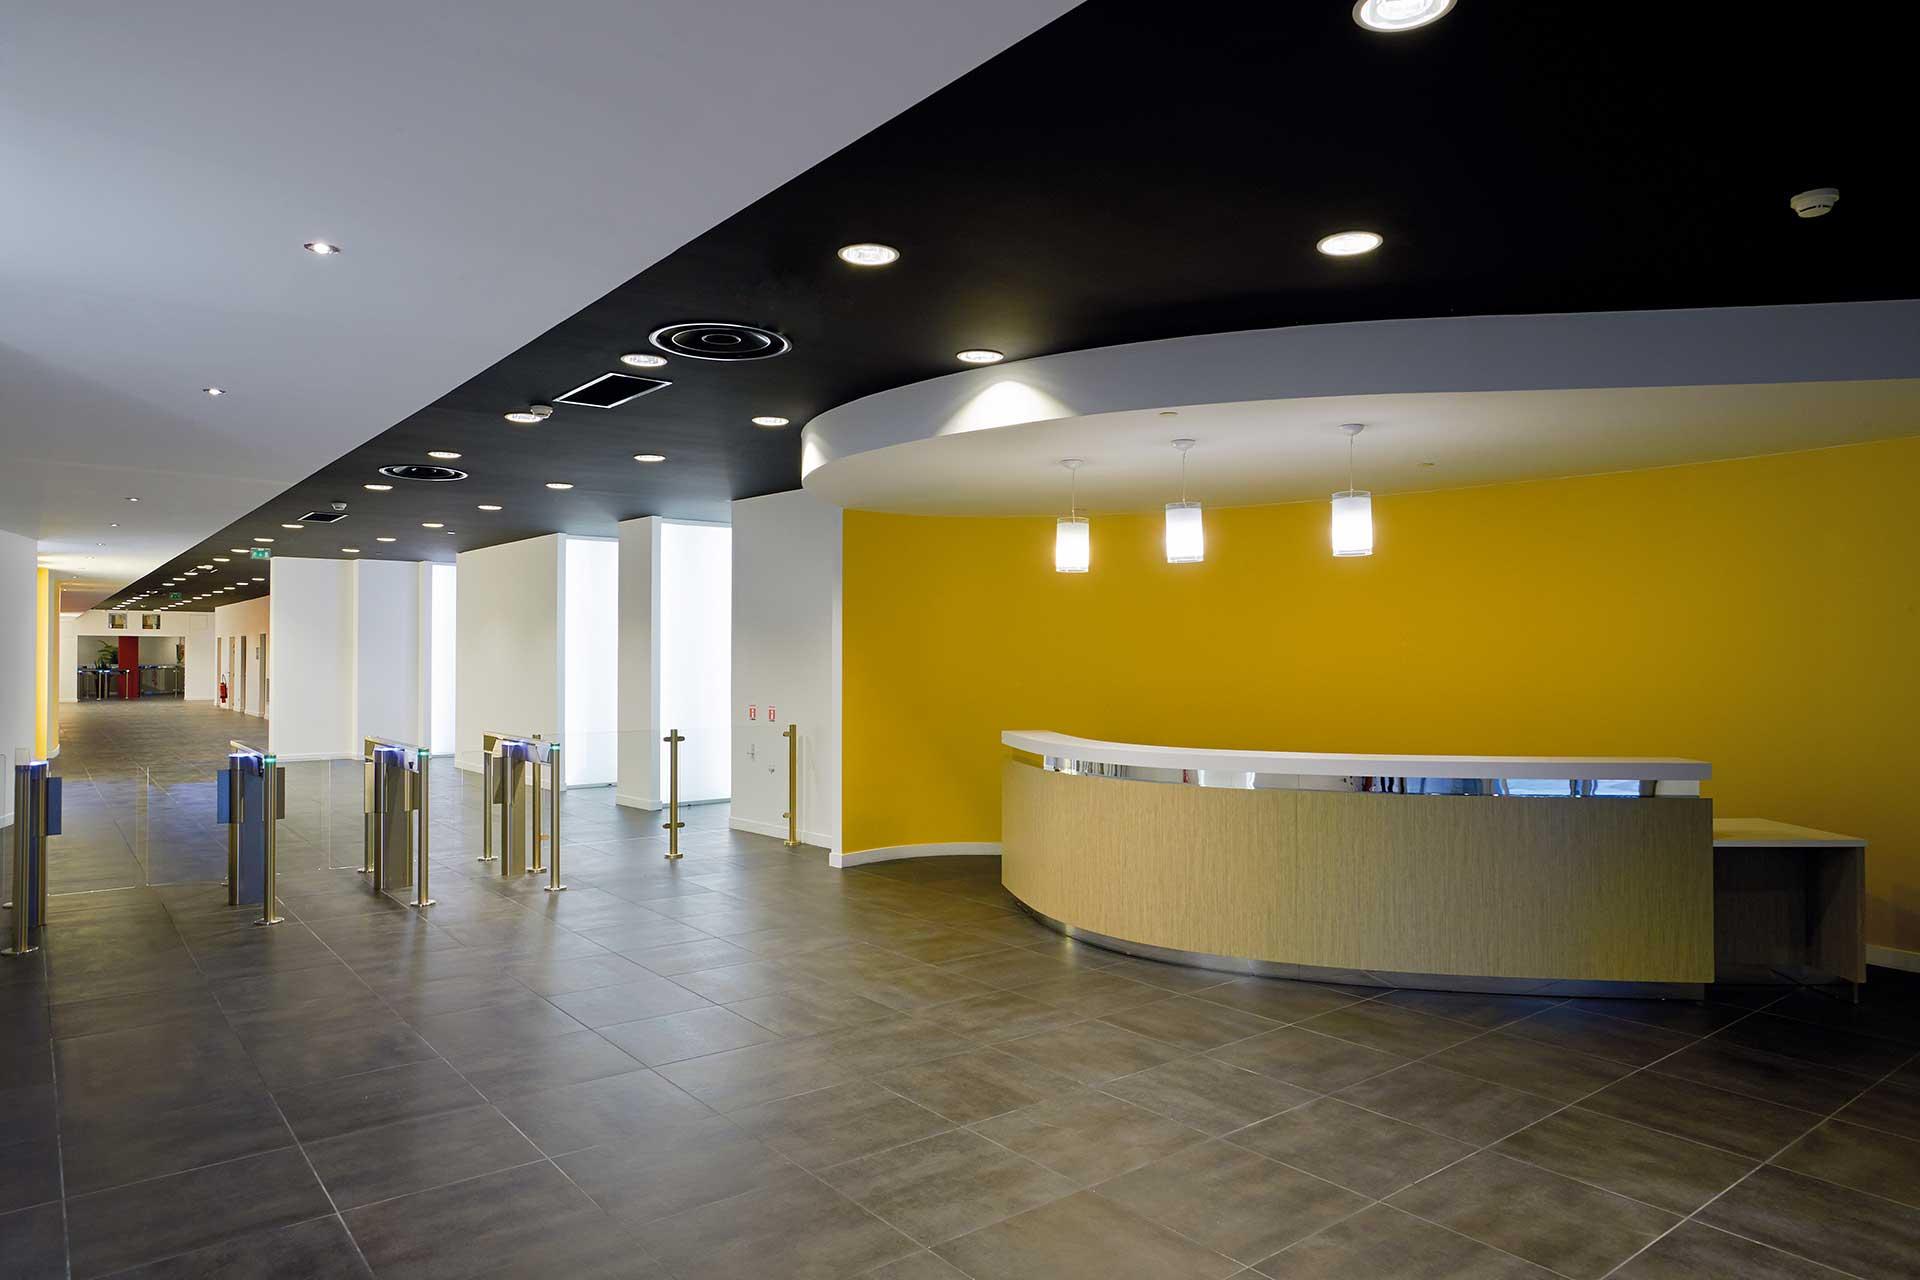 Plafonds suspendus plaque de plâtre en forme